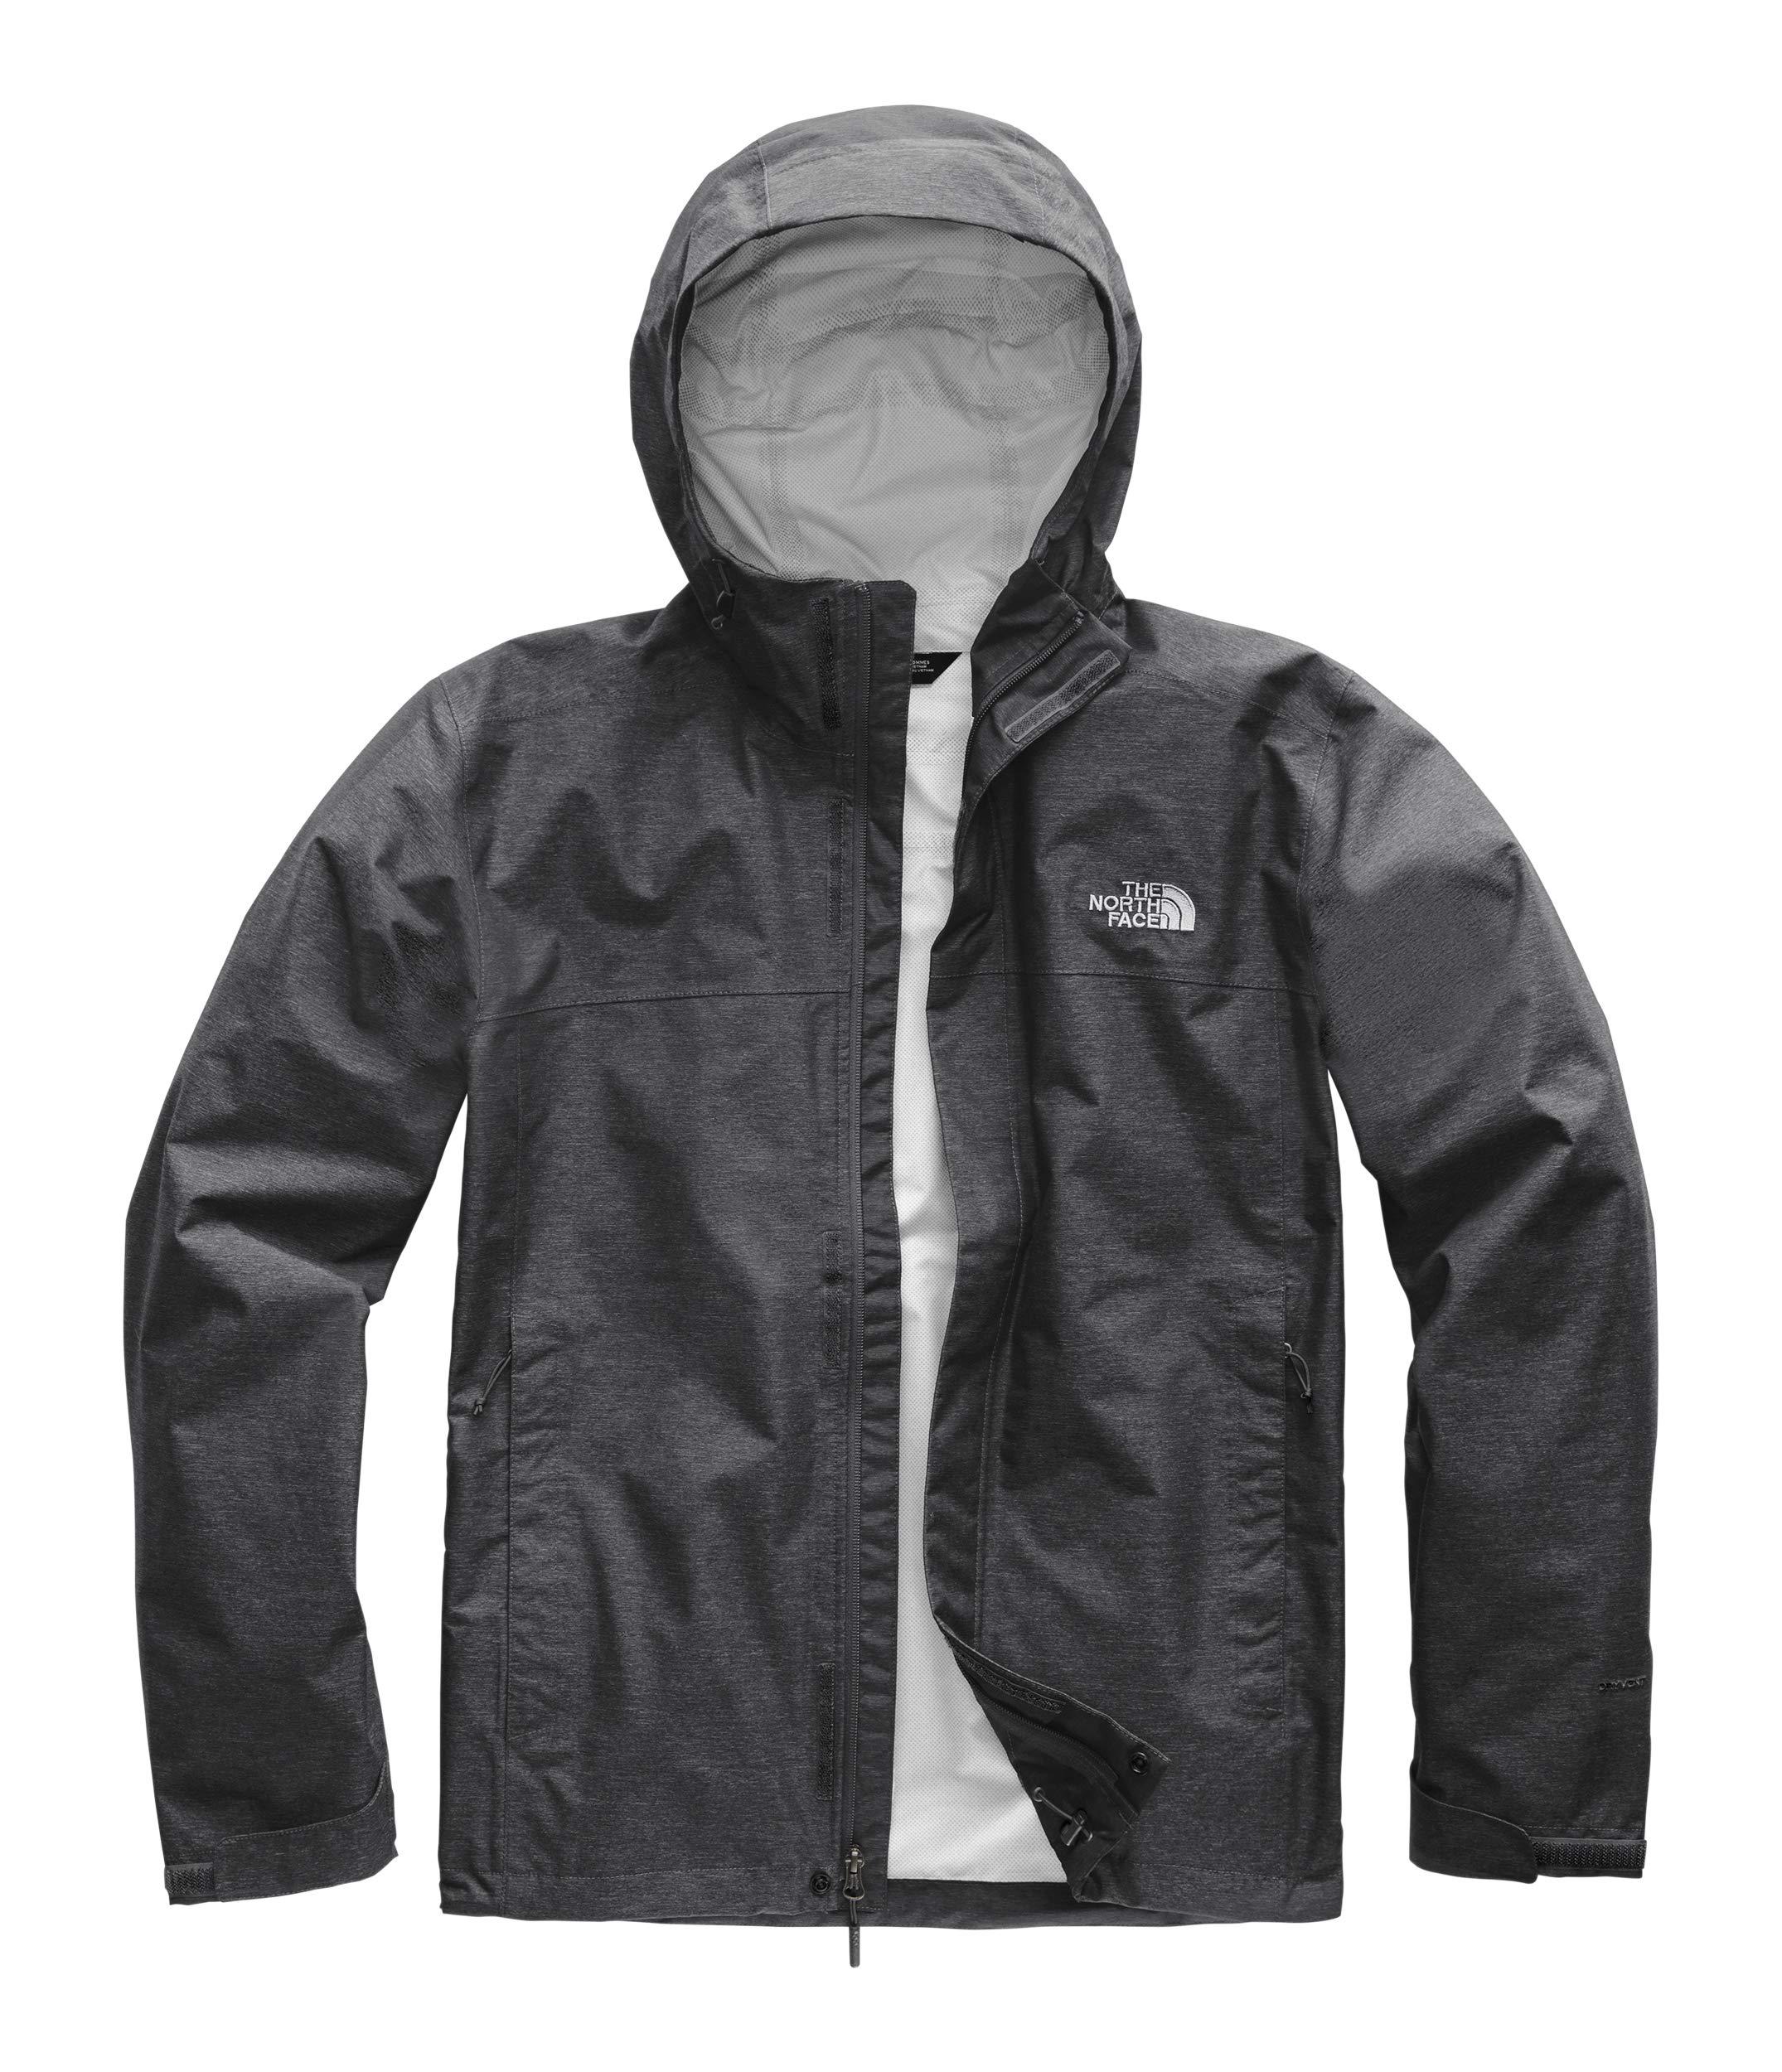 The North Face Men's Venture 2 Jacket, TNF Dark Grey Heather/TNF Dark Grey Heather/Mid Grey, Large